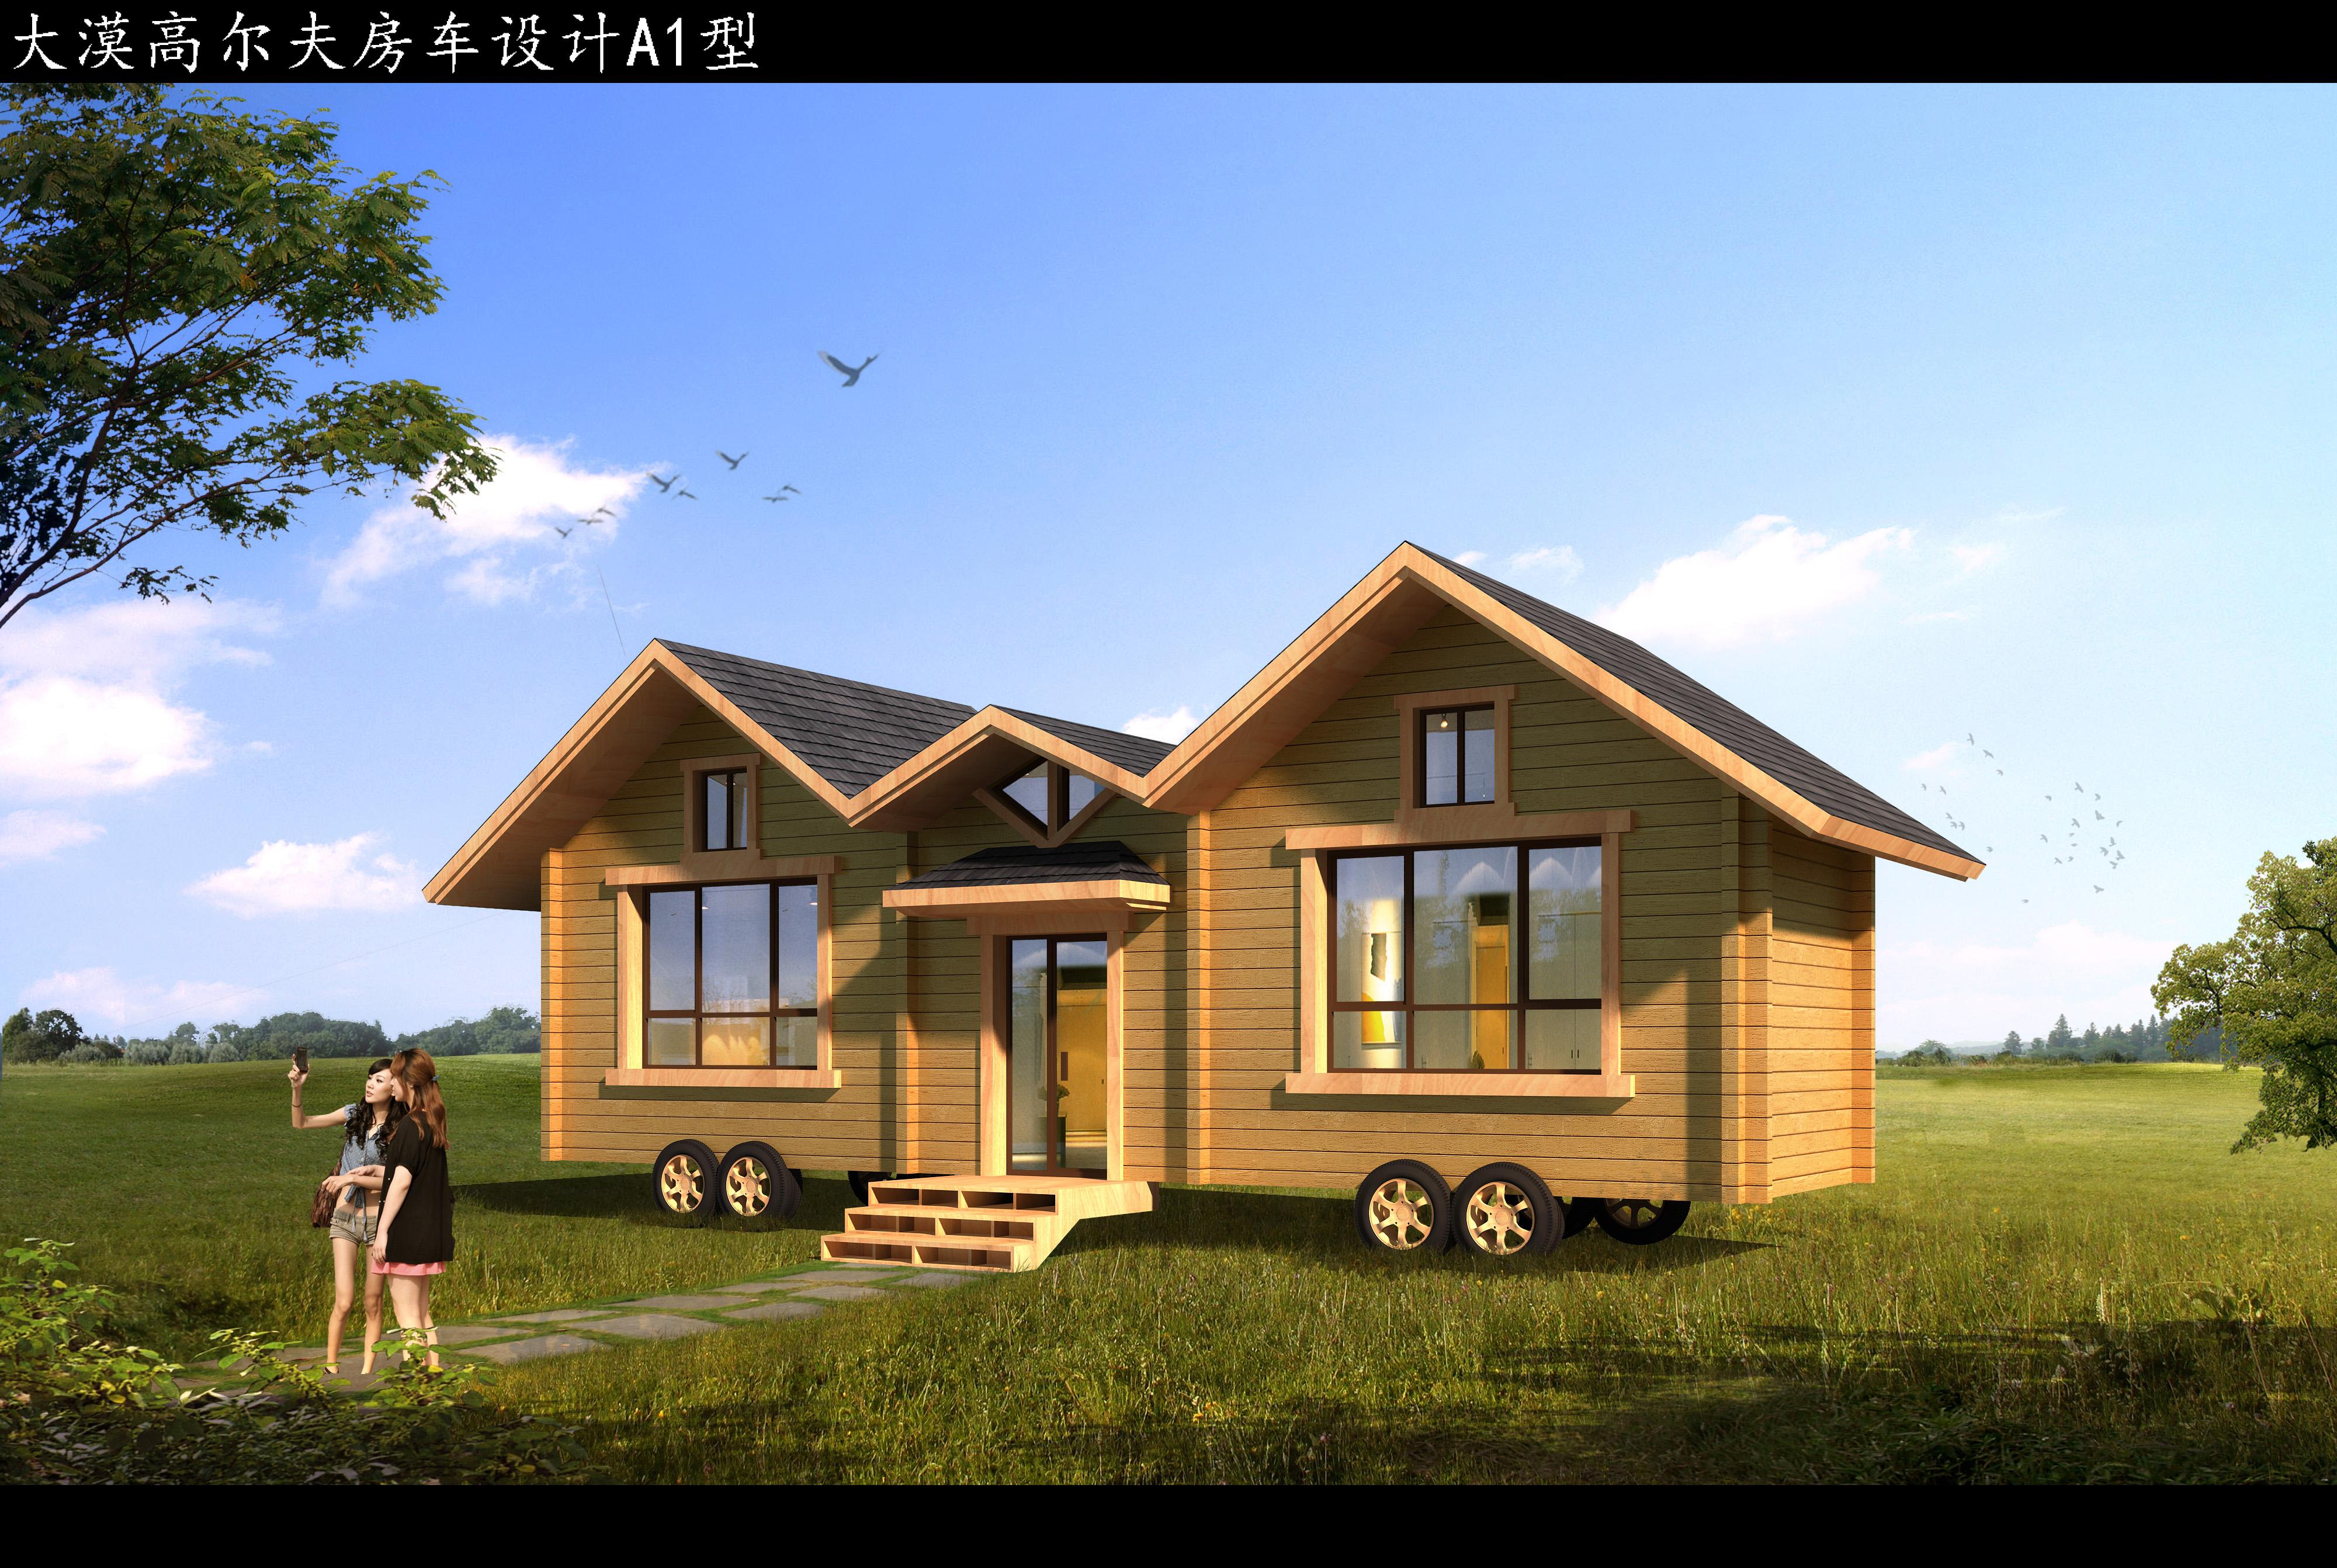 重型木結構房屋和輕型木屋各有什么優點呢